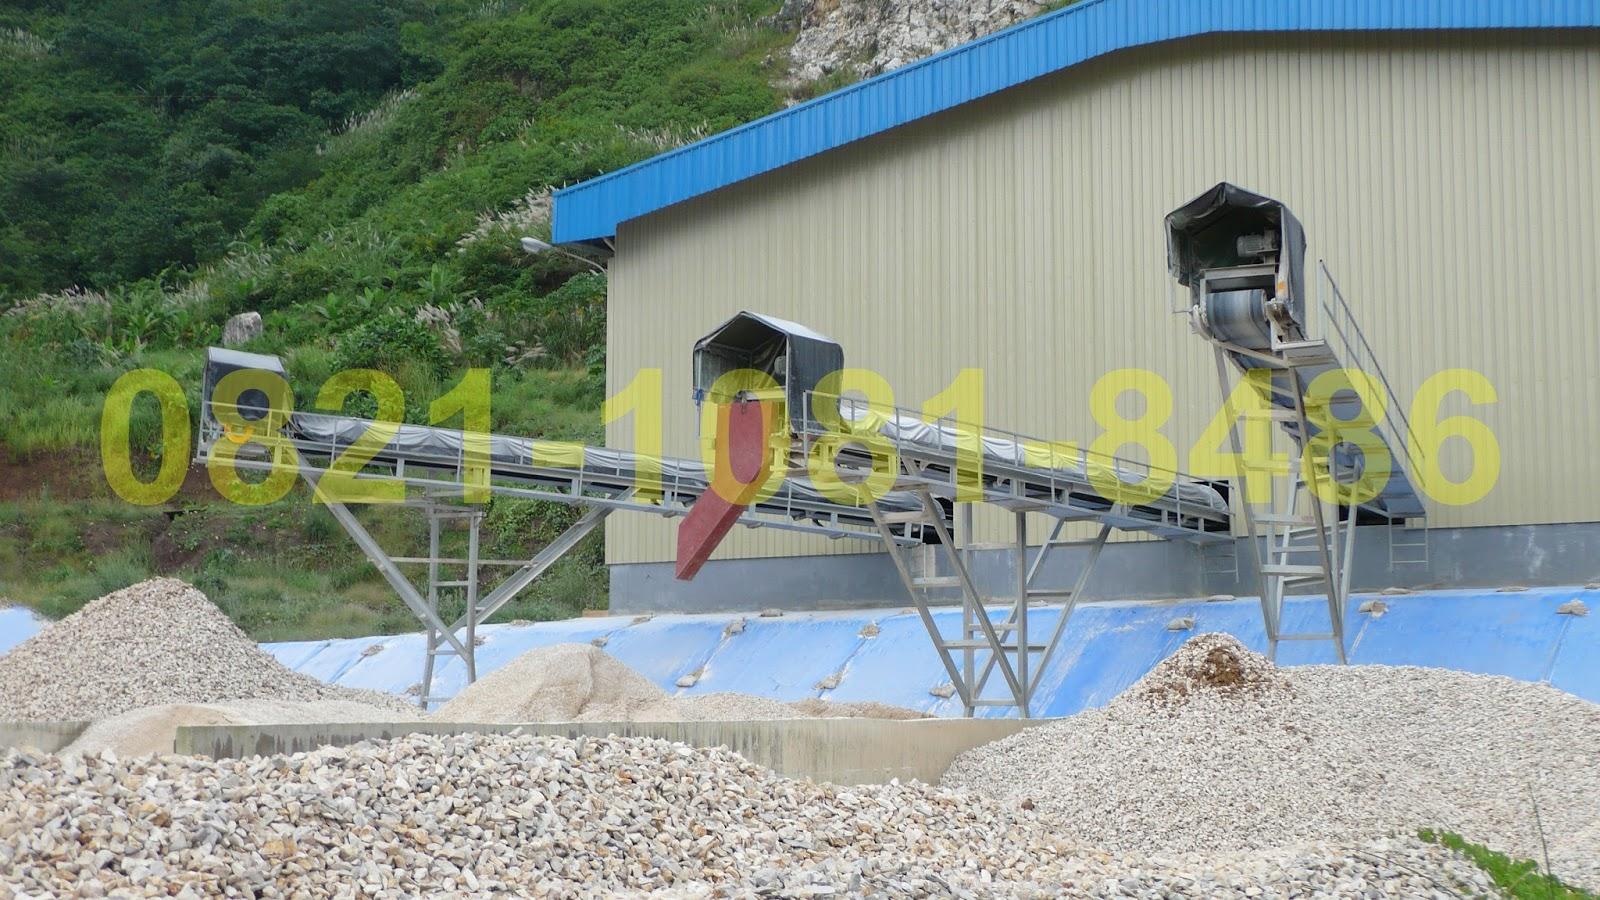 Jual Belt Conveyor Murah Stone Crusher Mesin Pemecah Batu Manufacturers Vitamix Circuit Breaker 220v Vtm15735